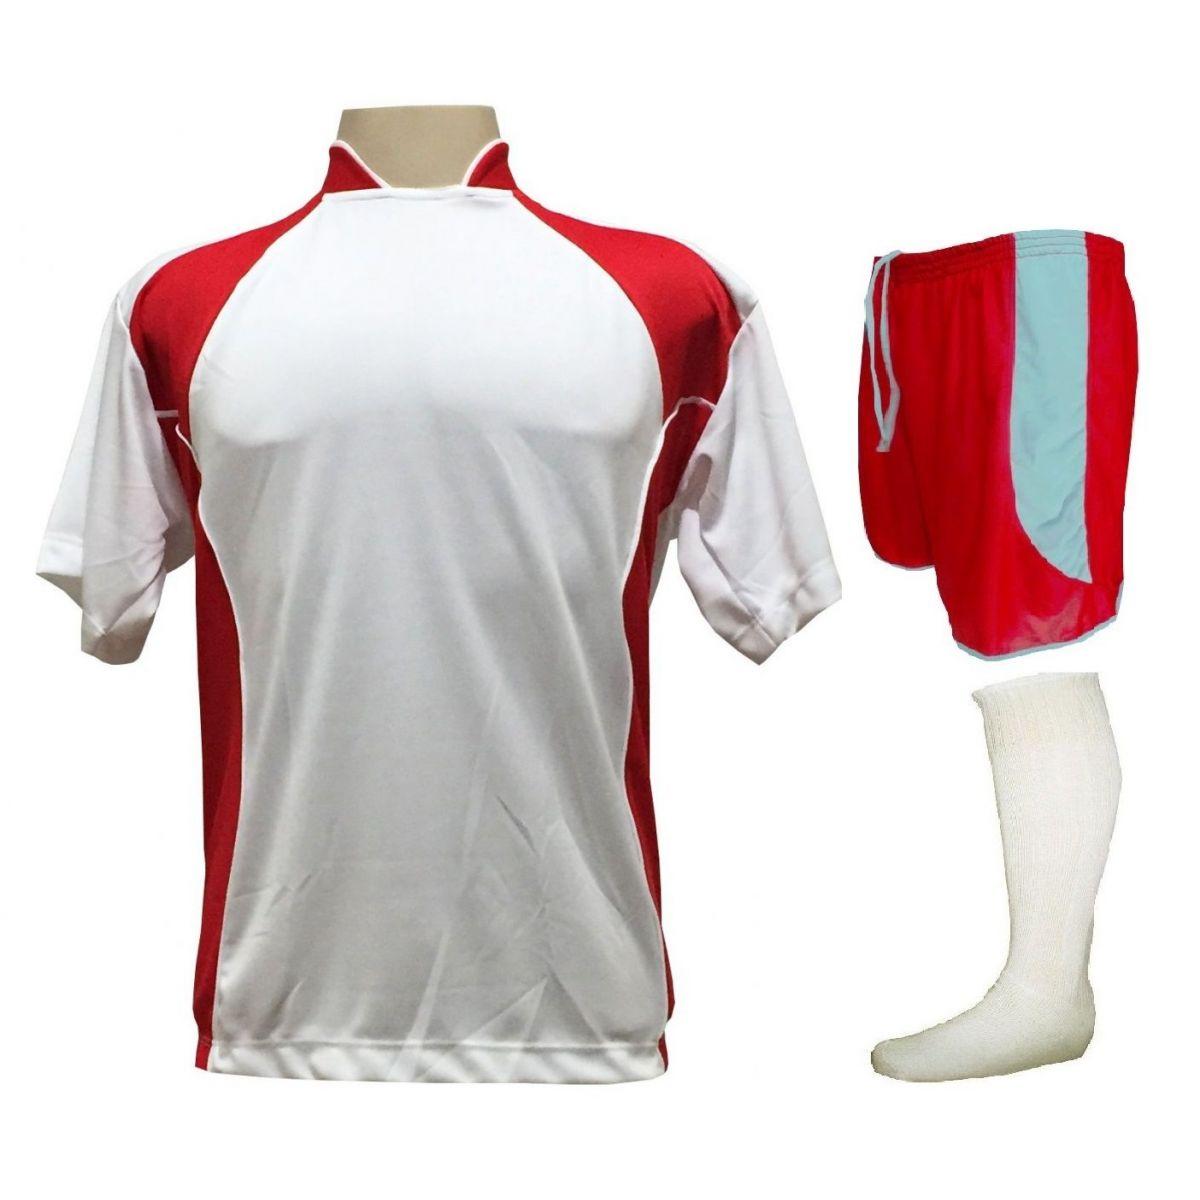 Uniforme Esportivo Completo Modelo Suécia 14+1 (14 Camisas Branco/Vermelho + 14 Calções Modelo Copa Vermelho/Branco + 14 Pares de Meiões Brancos + 1 Conjunto de Goleiro) + Brinde